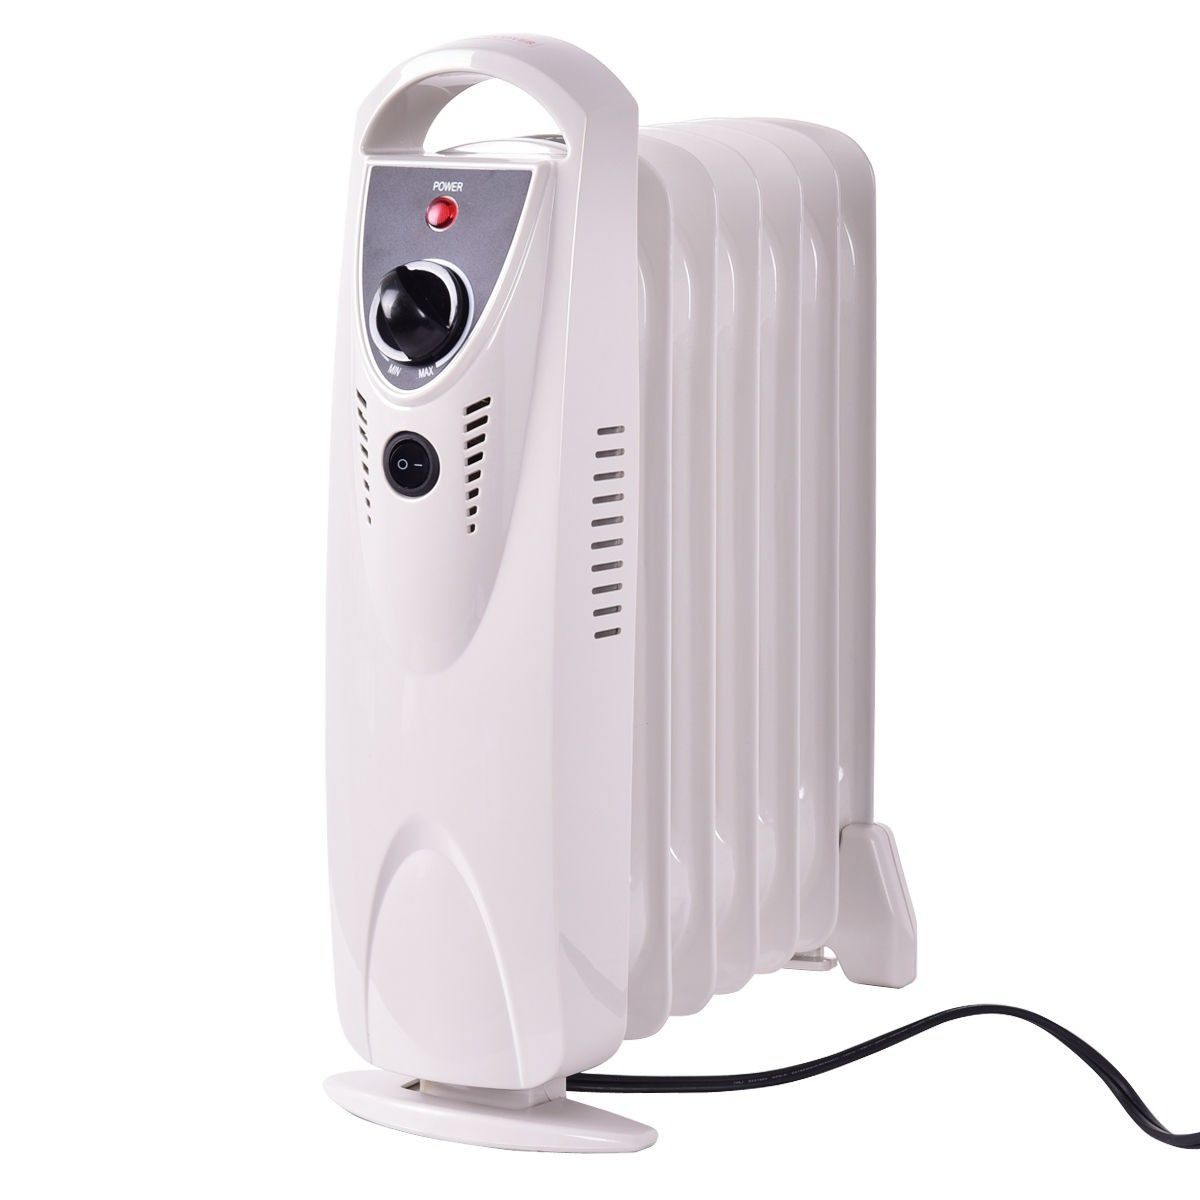 Portable 700 W Mini Electric Oil Filled Radiator Heater Radiator